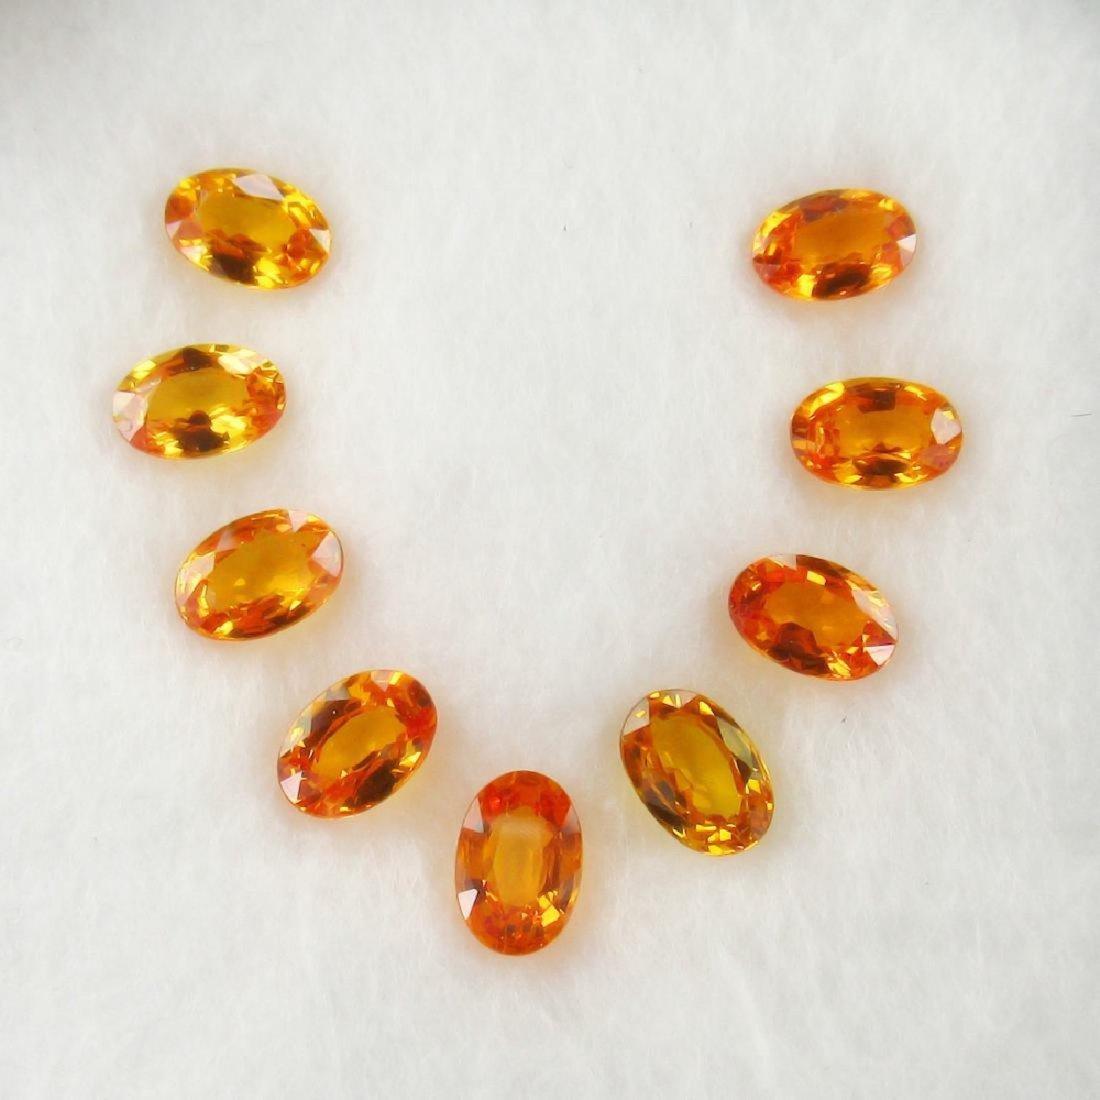 5.17 Carat Loose Orange Sapphire Necklace Set